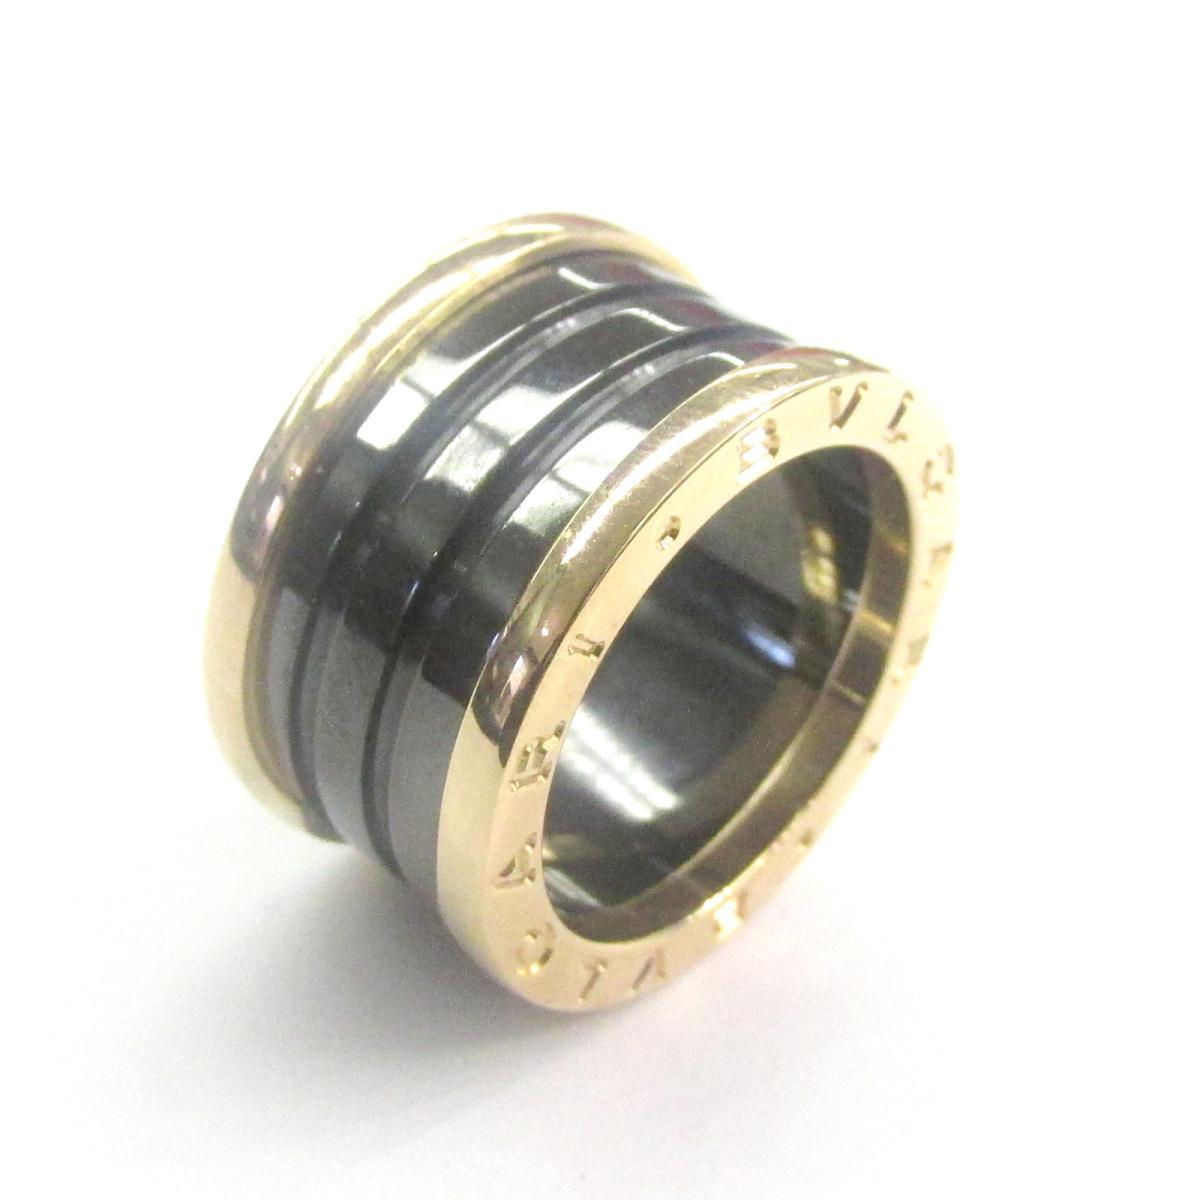 【中古】 ブルガリ B-zero1 リング メンズ レディース K18PG (750) ピンクゴールド x セラミック | BVLGARI BRANDOFF ブランドオフ ブランド ジュエリー アクセサリー 指輪